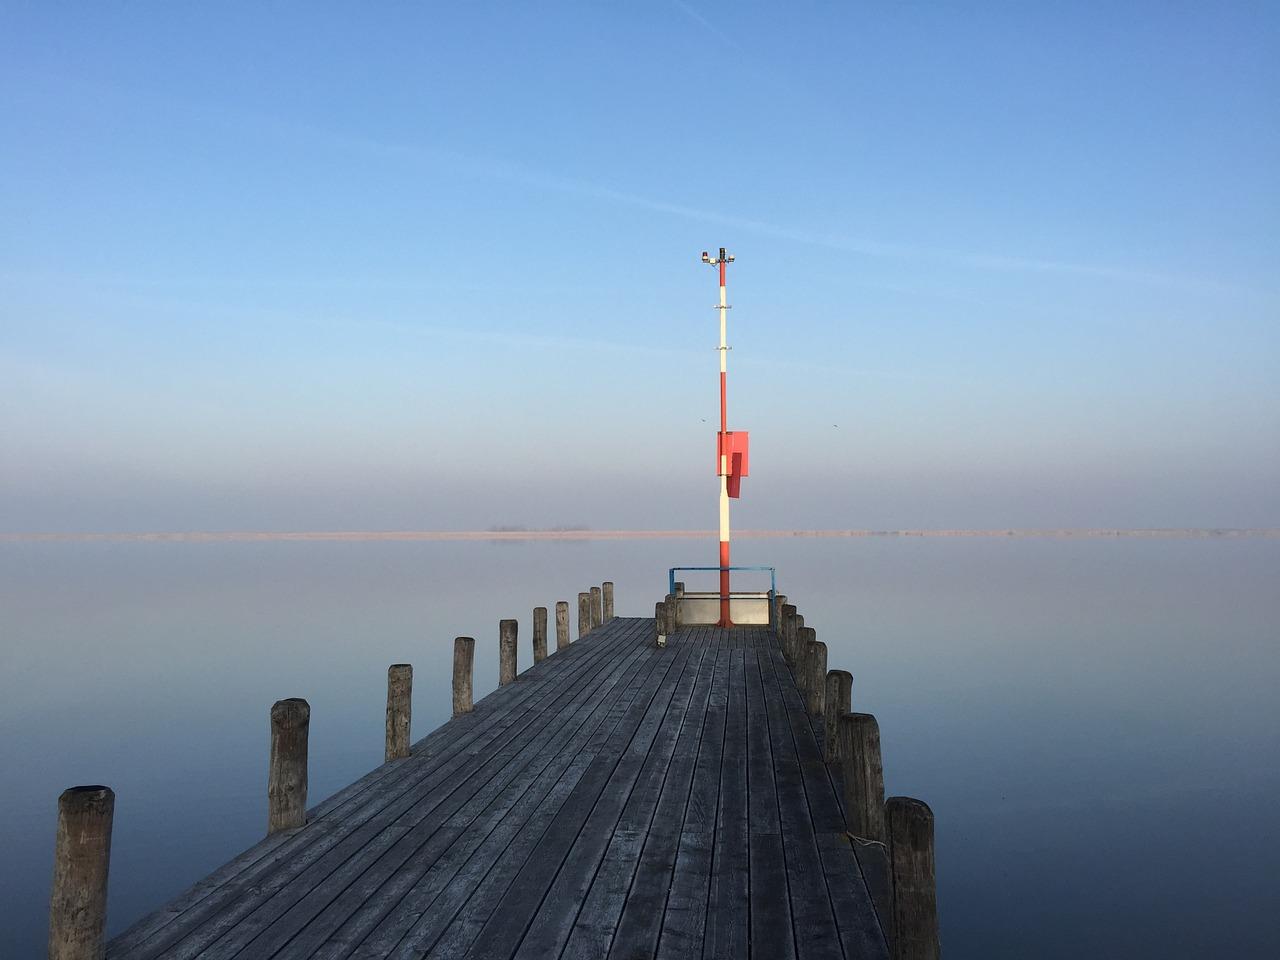 lake-807930_1280.jpg